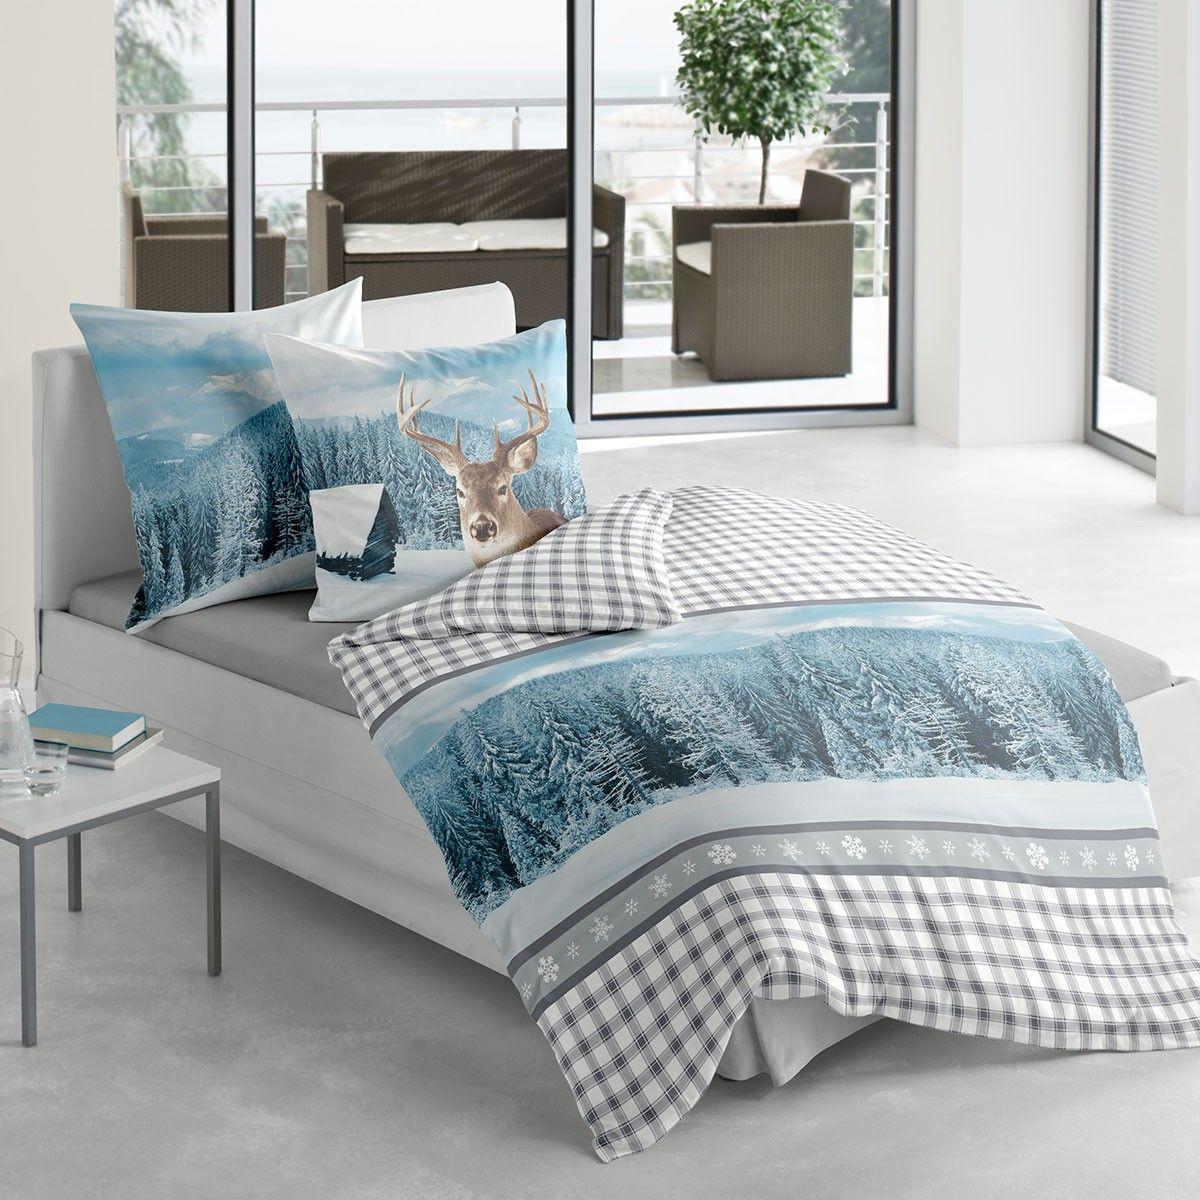 biber bettwäsche hirsch blau | biber bettwäsche, biber und bettwaesche, Schlafzimmer entwurf